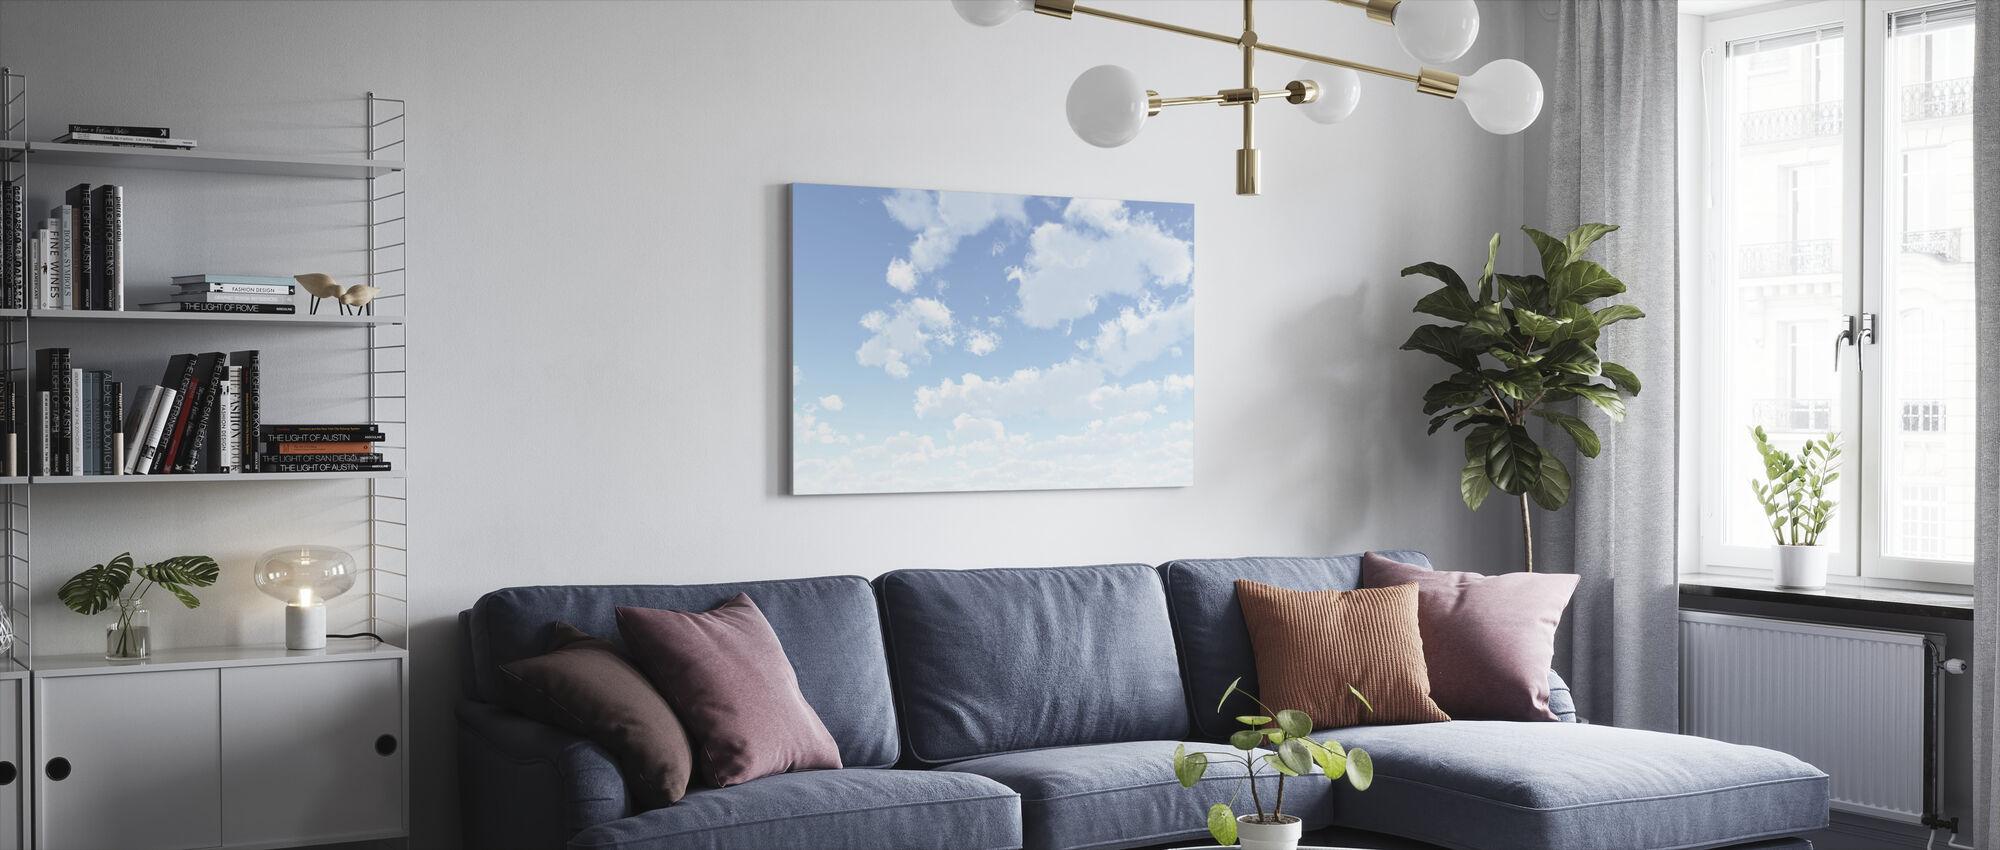 Cloudscape - Canvastaulu - Olohuone